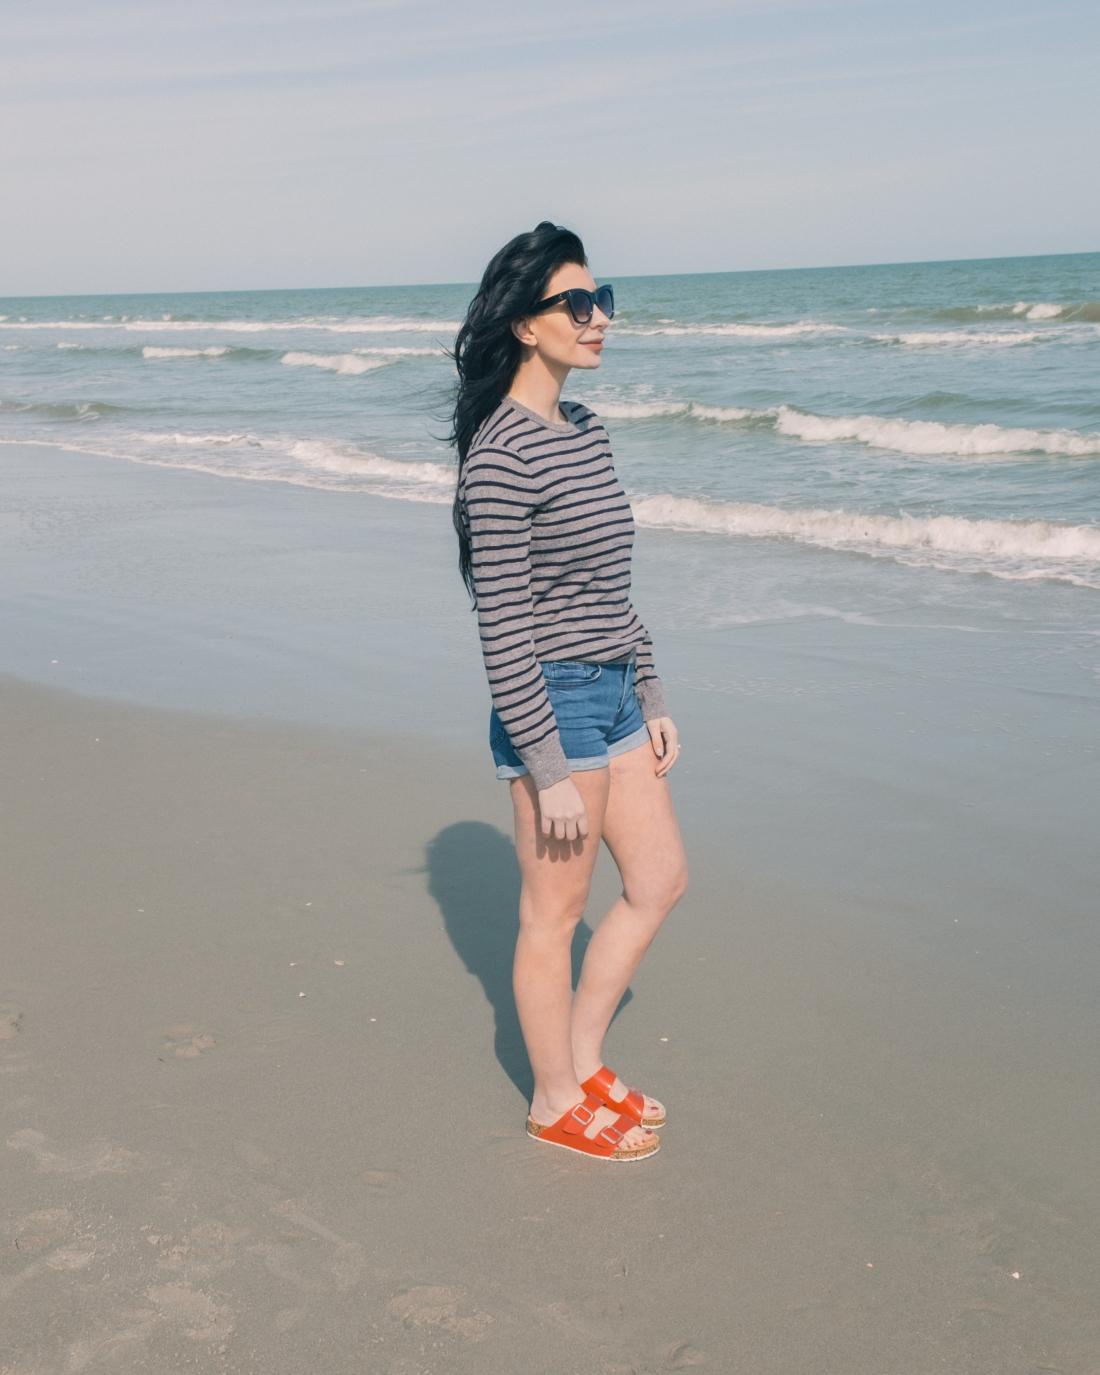 myrtle beach-9